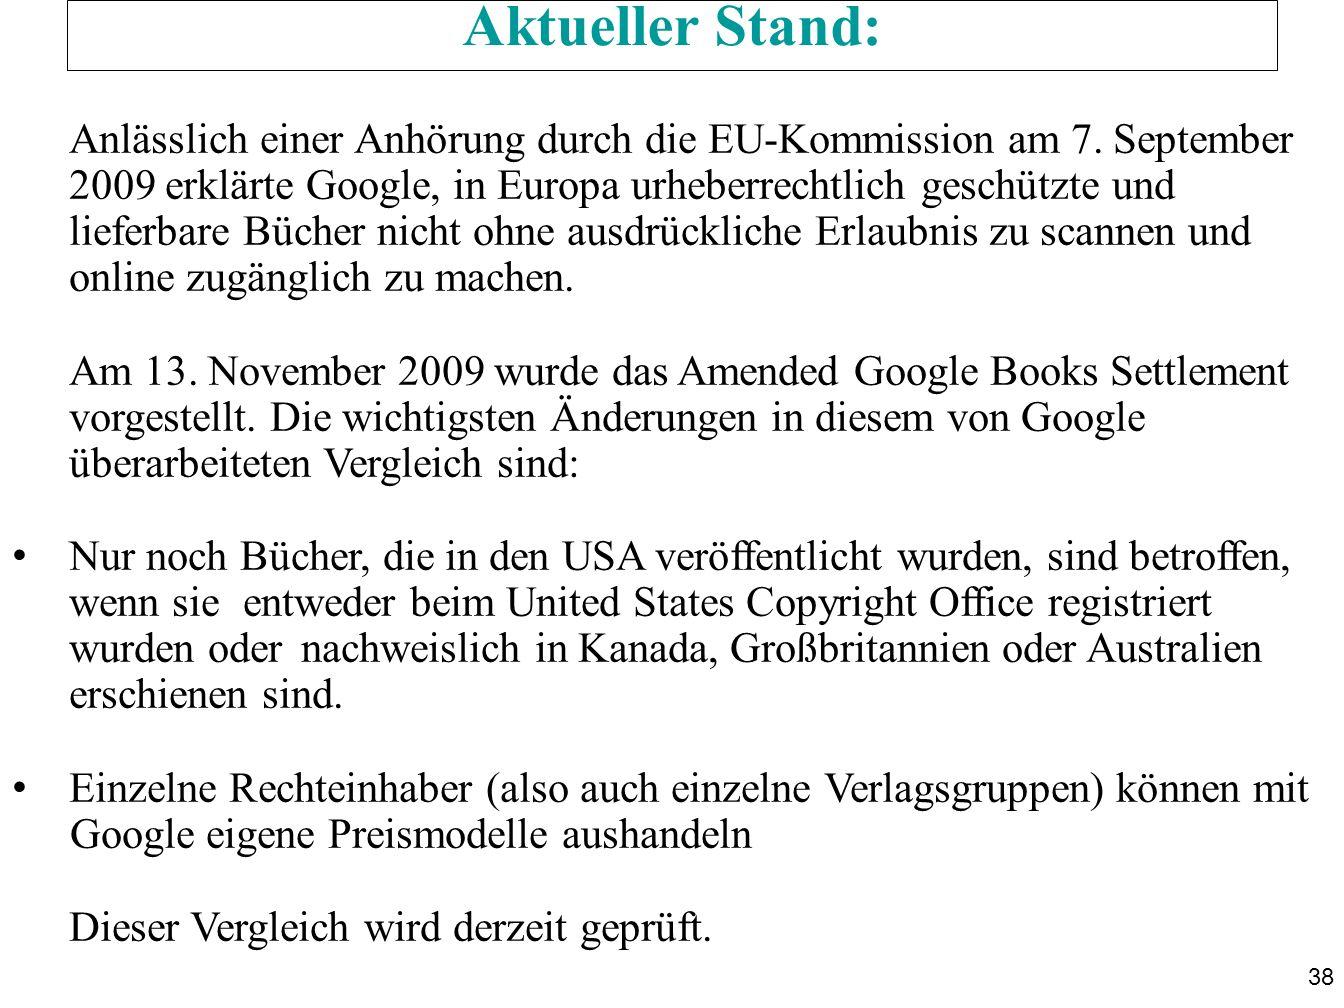 38 Aktueller Stand: Anlässlich einer Anhörung durch die EU-Kommission am 7. September 2009 erklärte Google, in Europa urheberrechtlich geschützte und